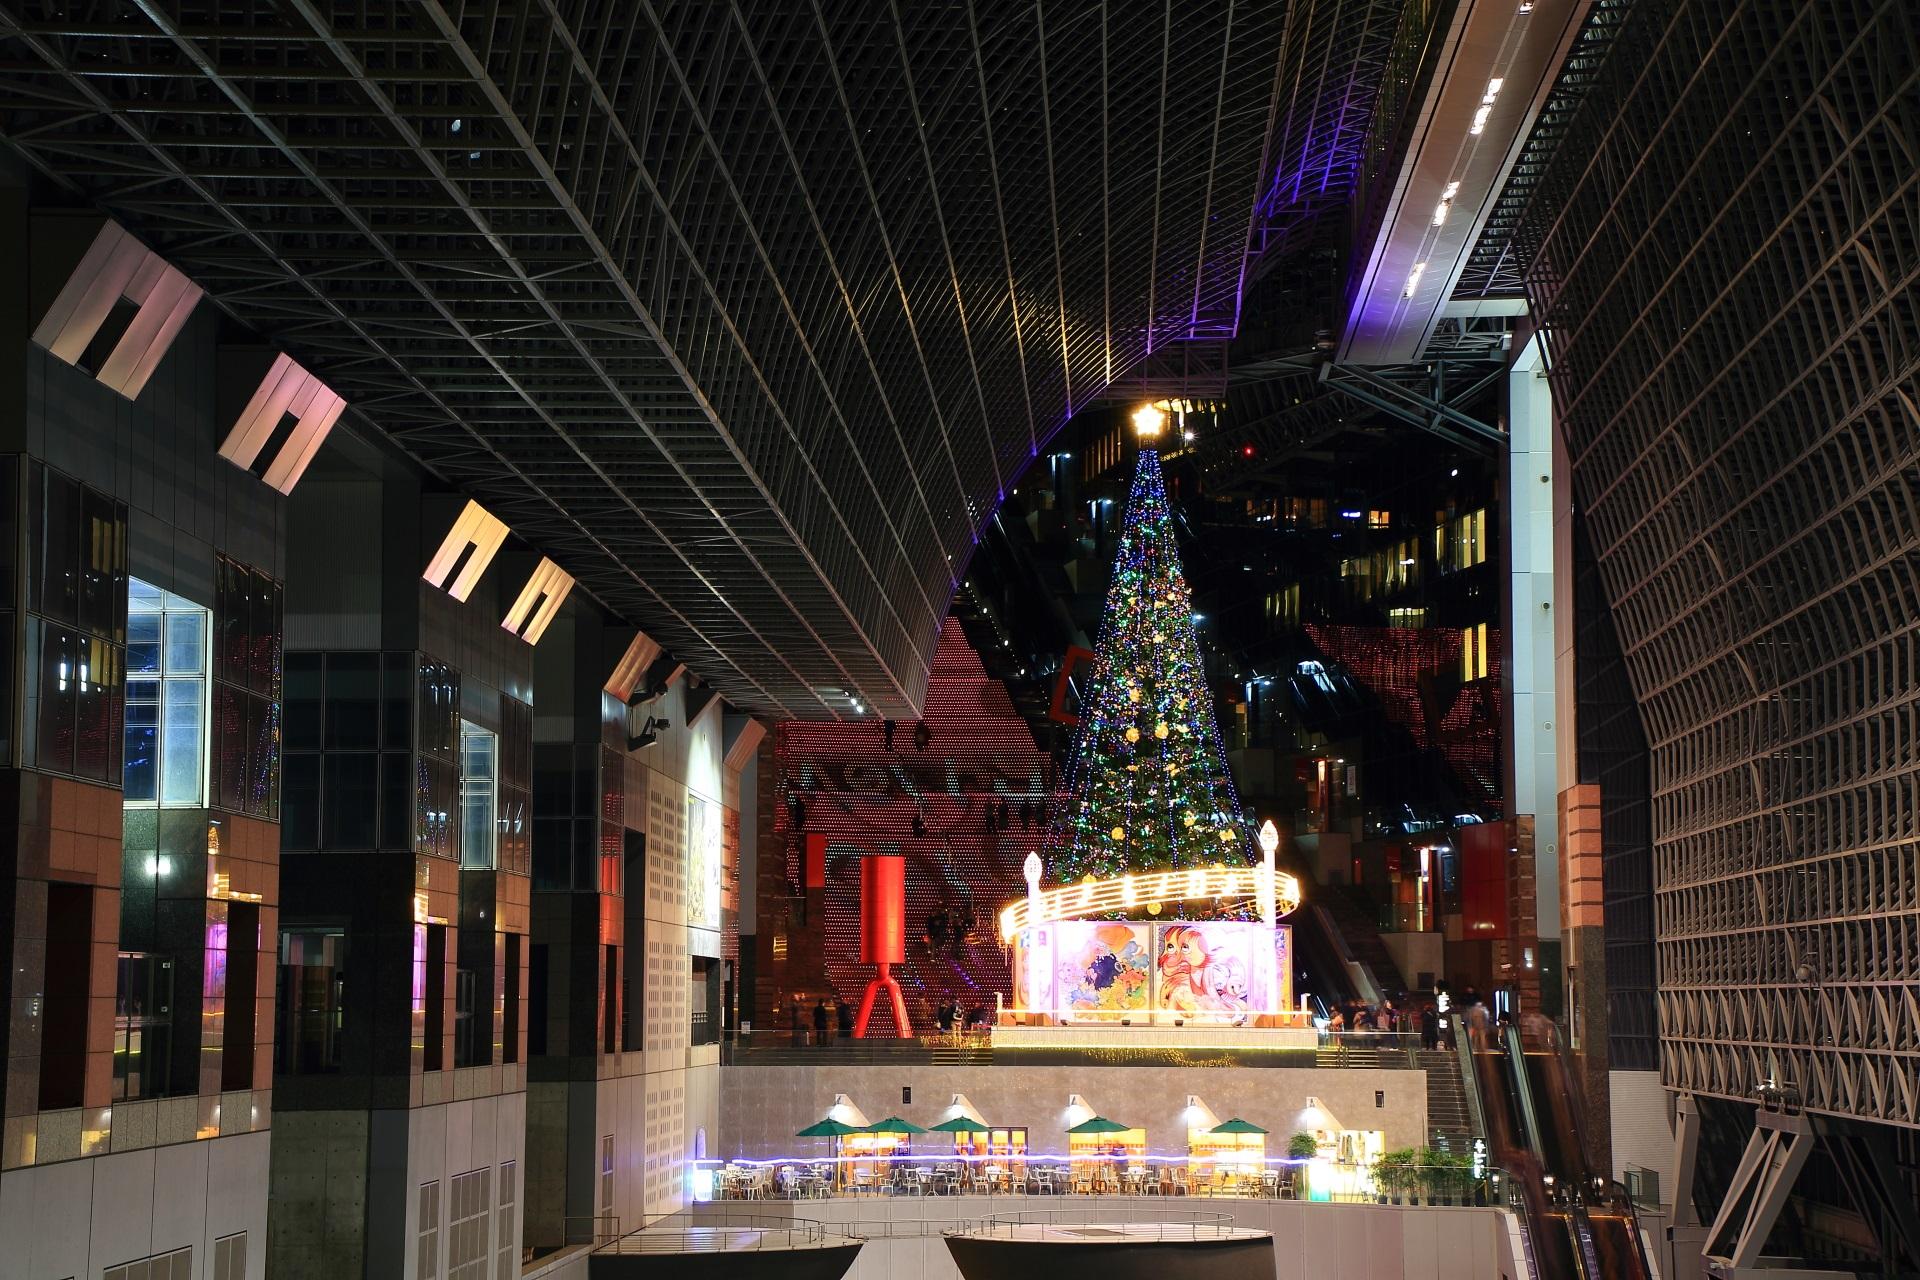 室町小路広場の巨大クリスマスツリー